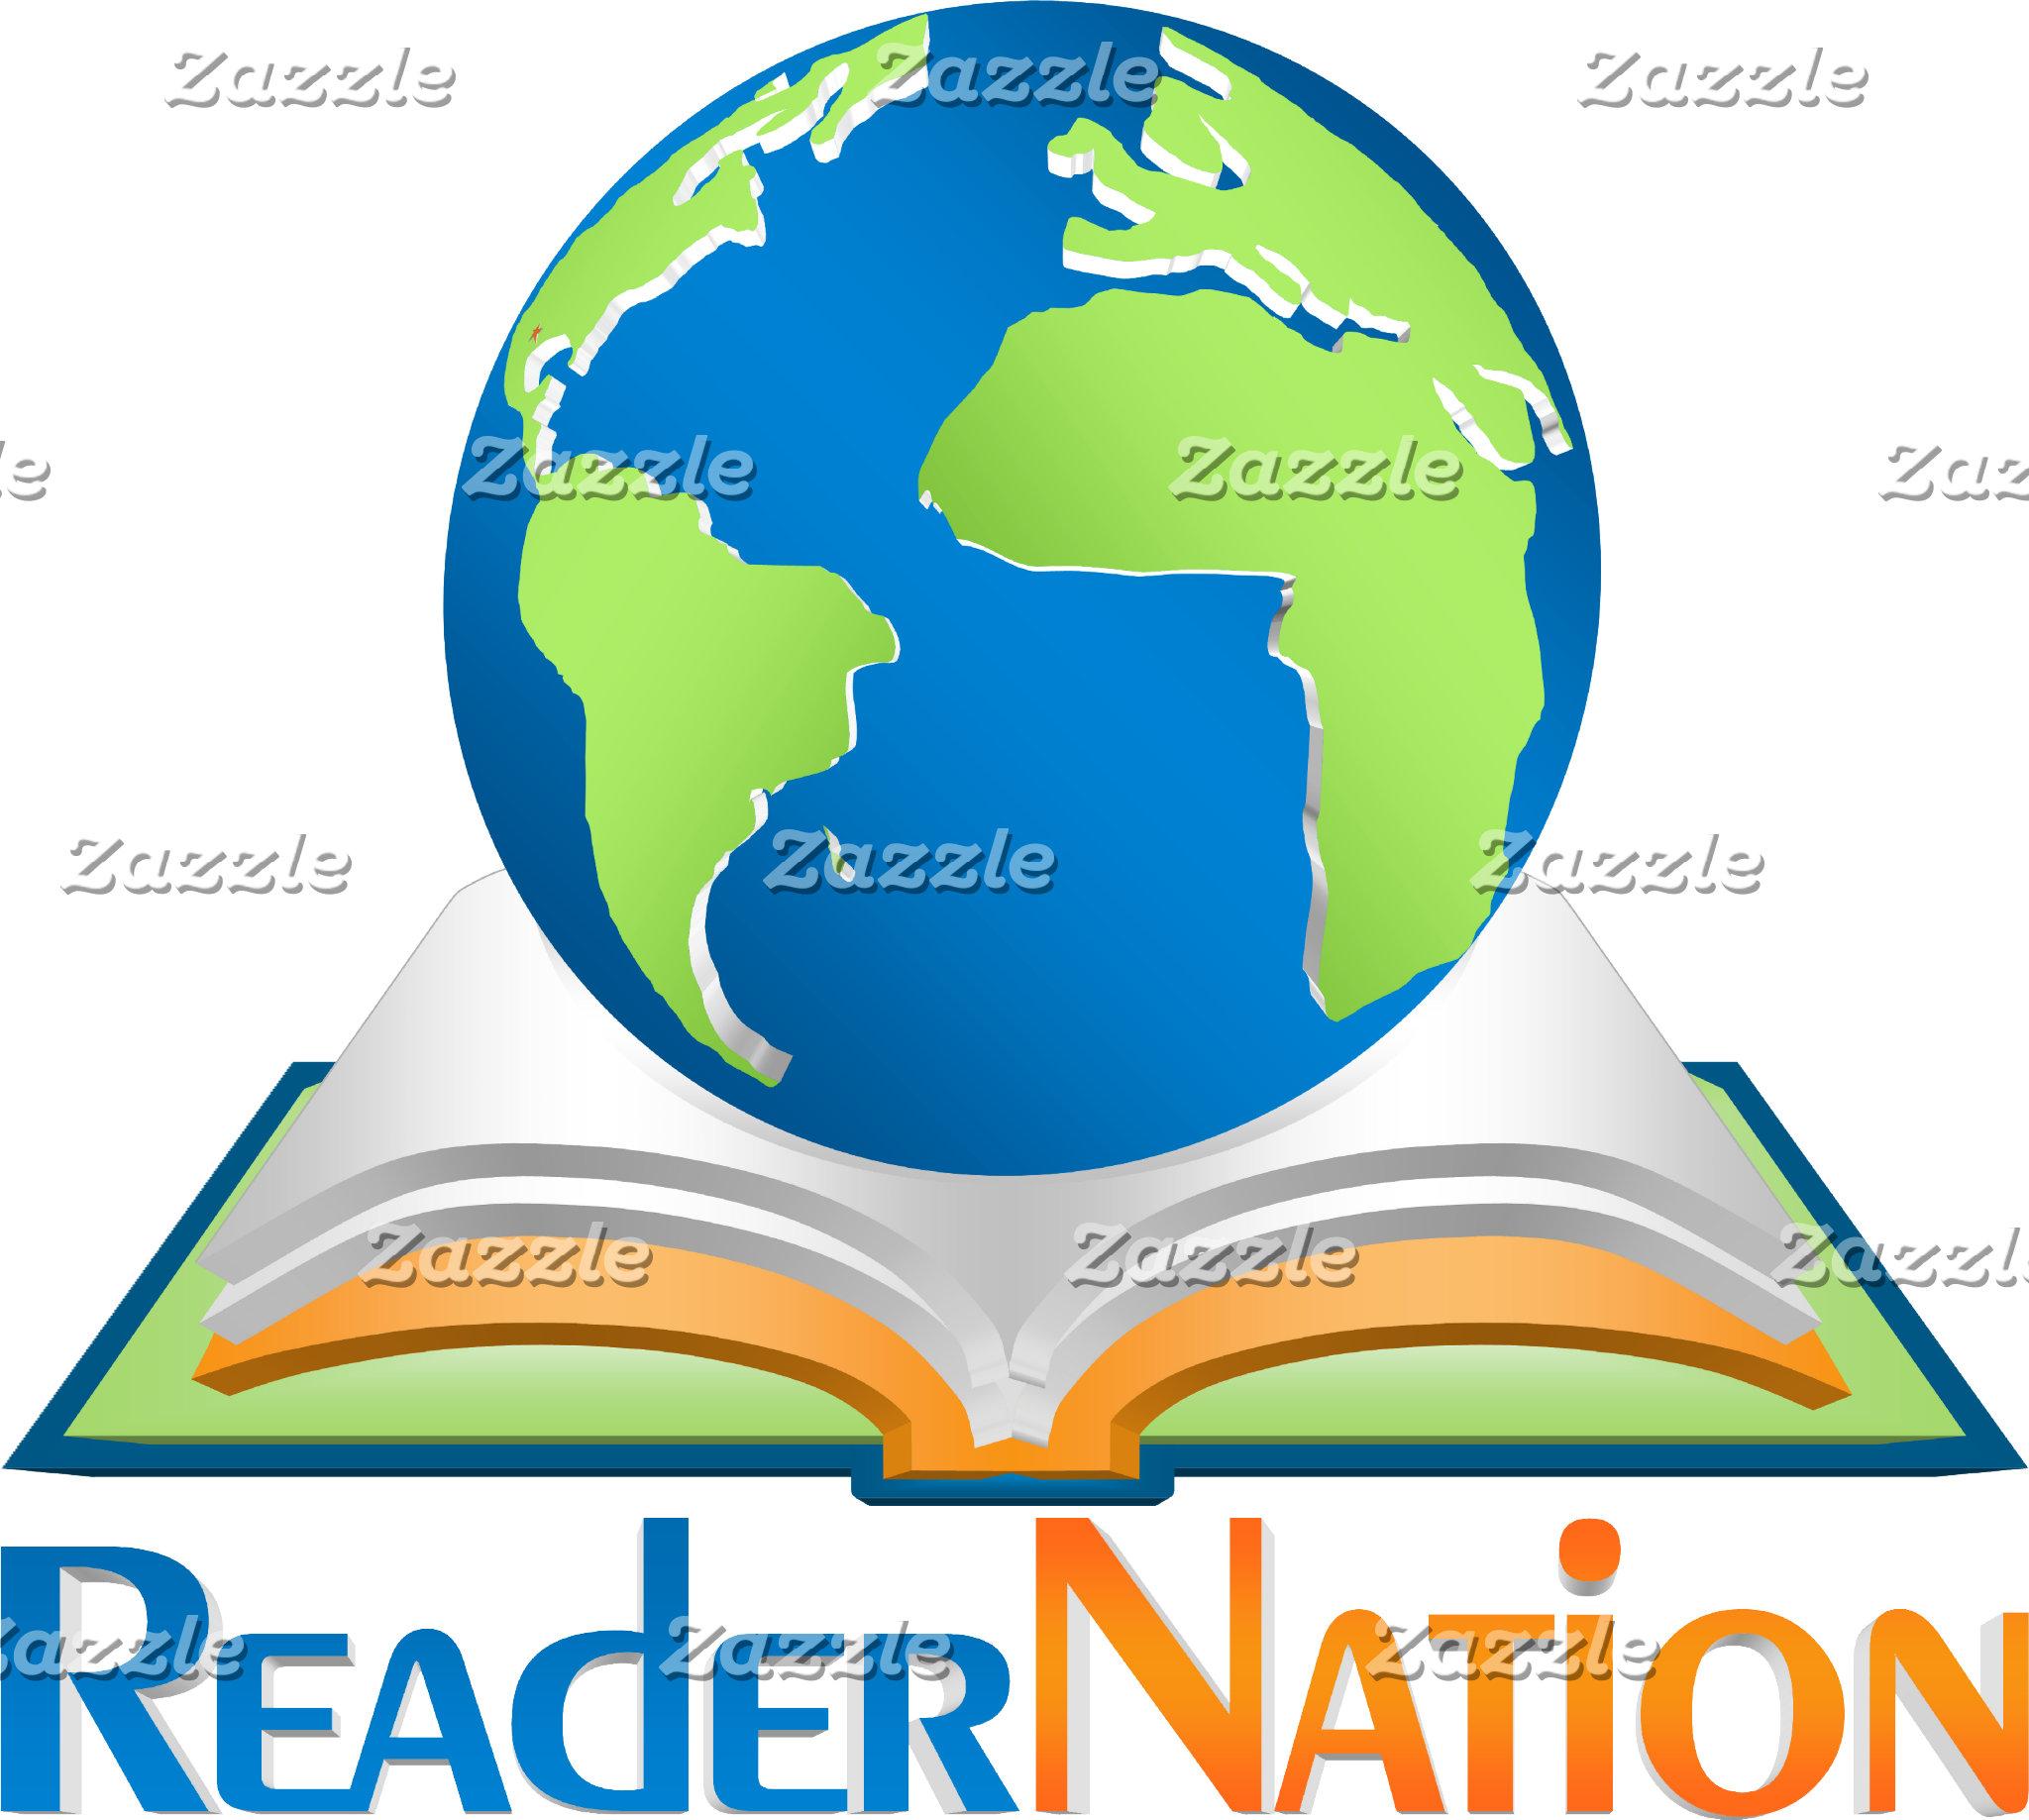 ReaderNation